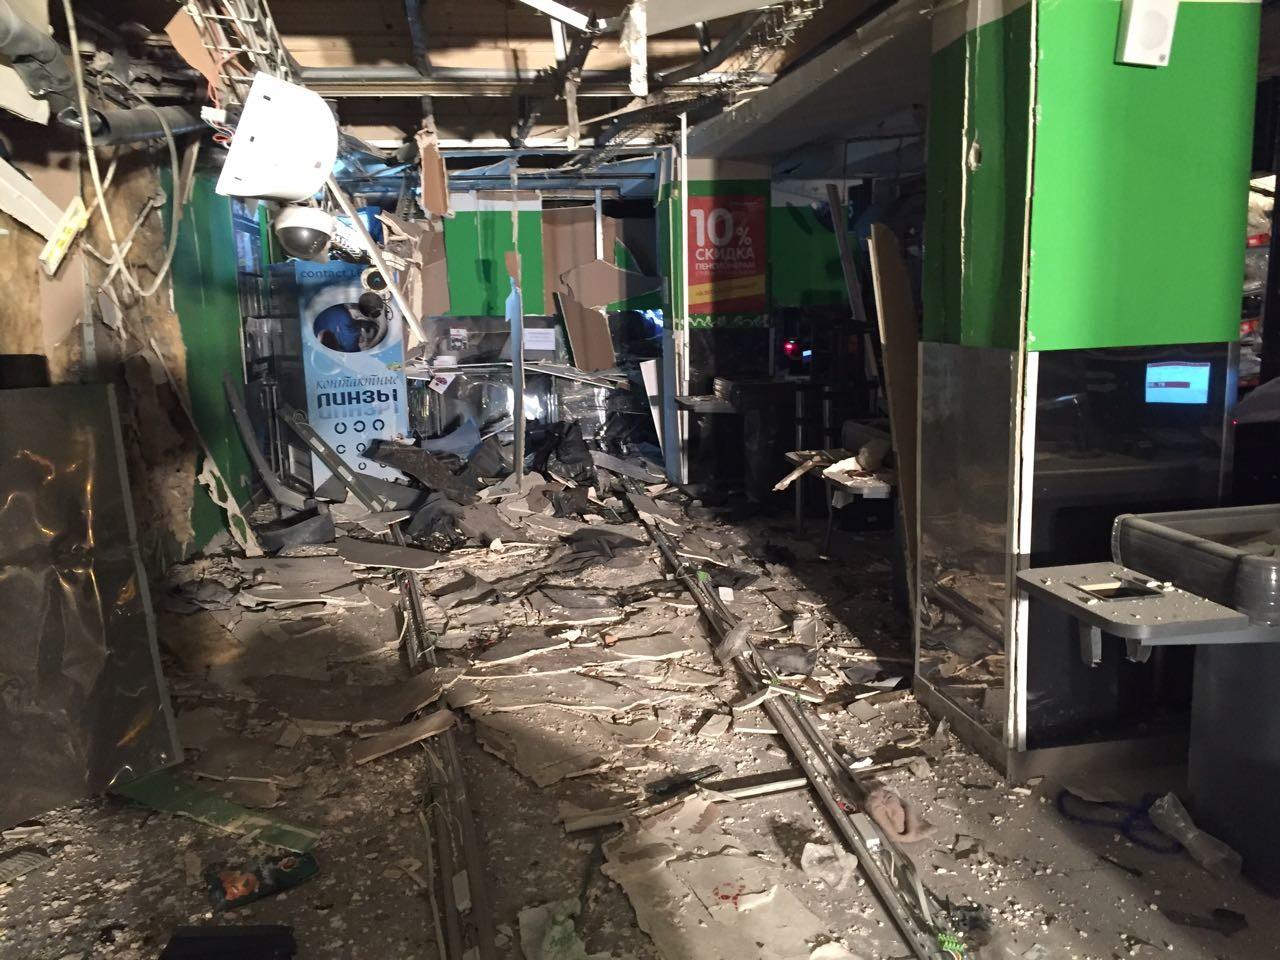 Russie : une explosion dans un supermarché à Saint-Pétersbourg fait 13 blessés (IMAGES)